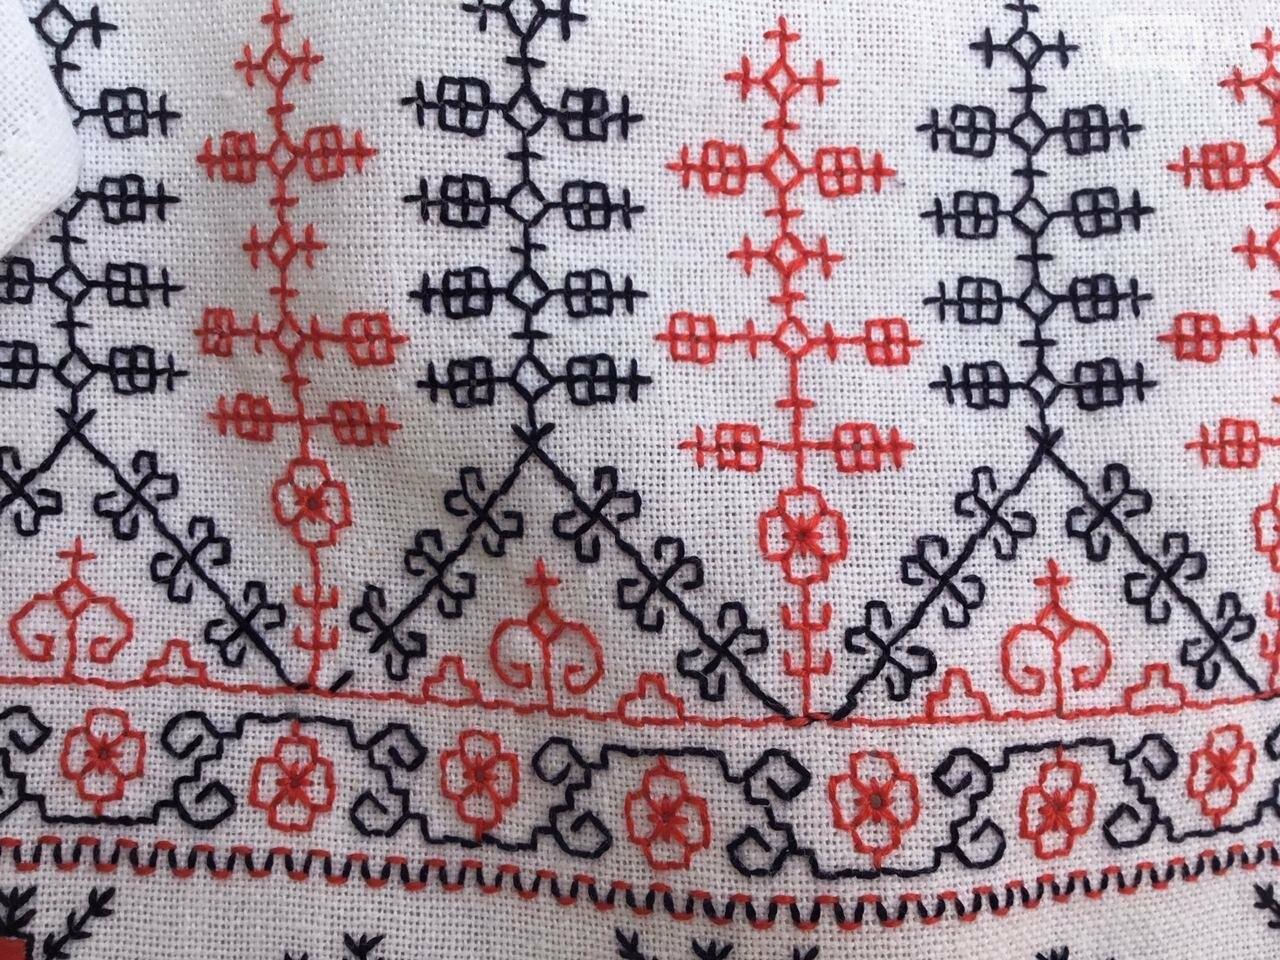 Криворожские вышивальщицы готовят сюрприз для родного города, - ФОТО, ВИДЕО, фото-6